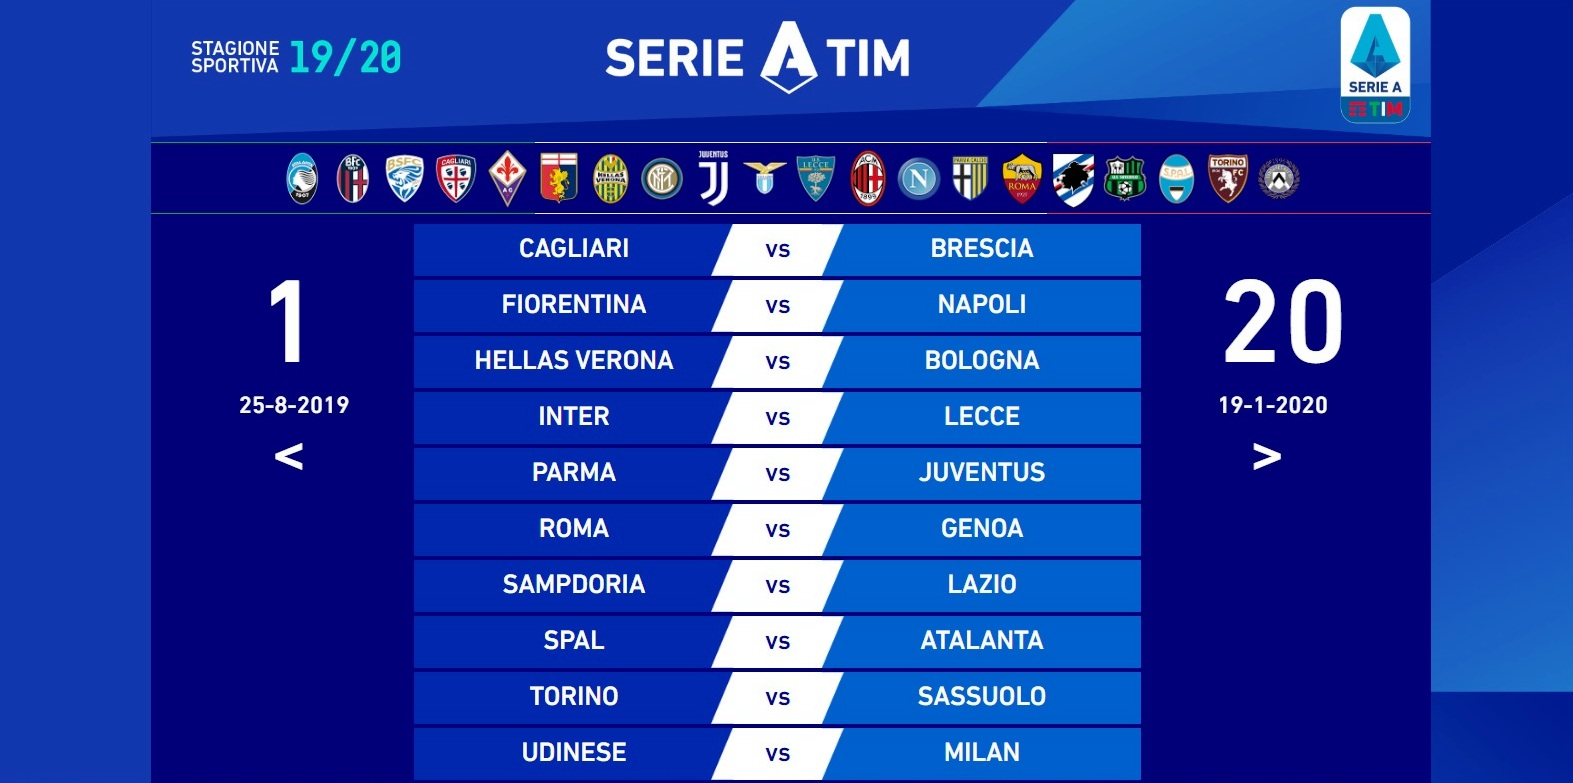 Calendario Serie A Sampdoria.Brescia In Serie A Dal Cagliari Alla Sampdoria Il Cammino